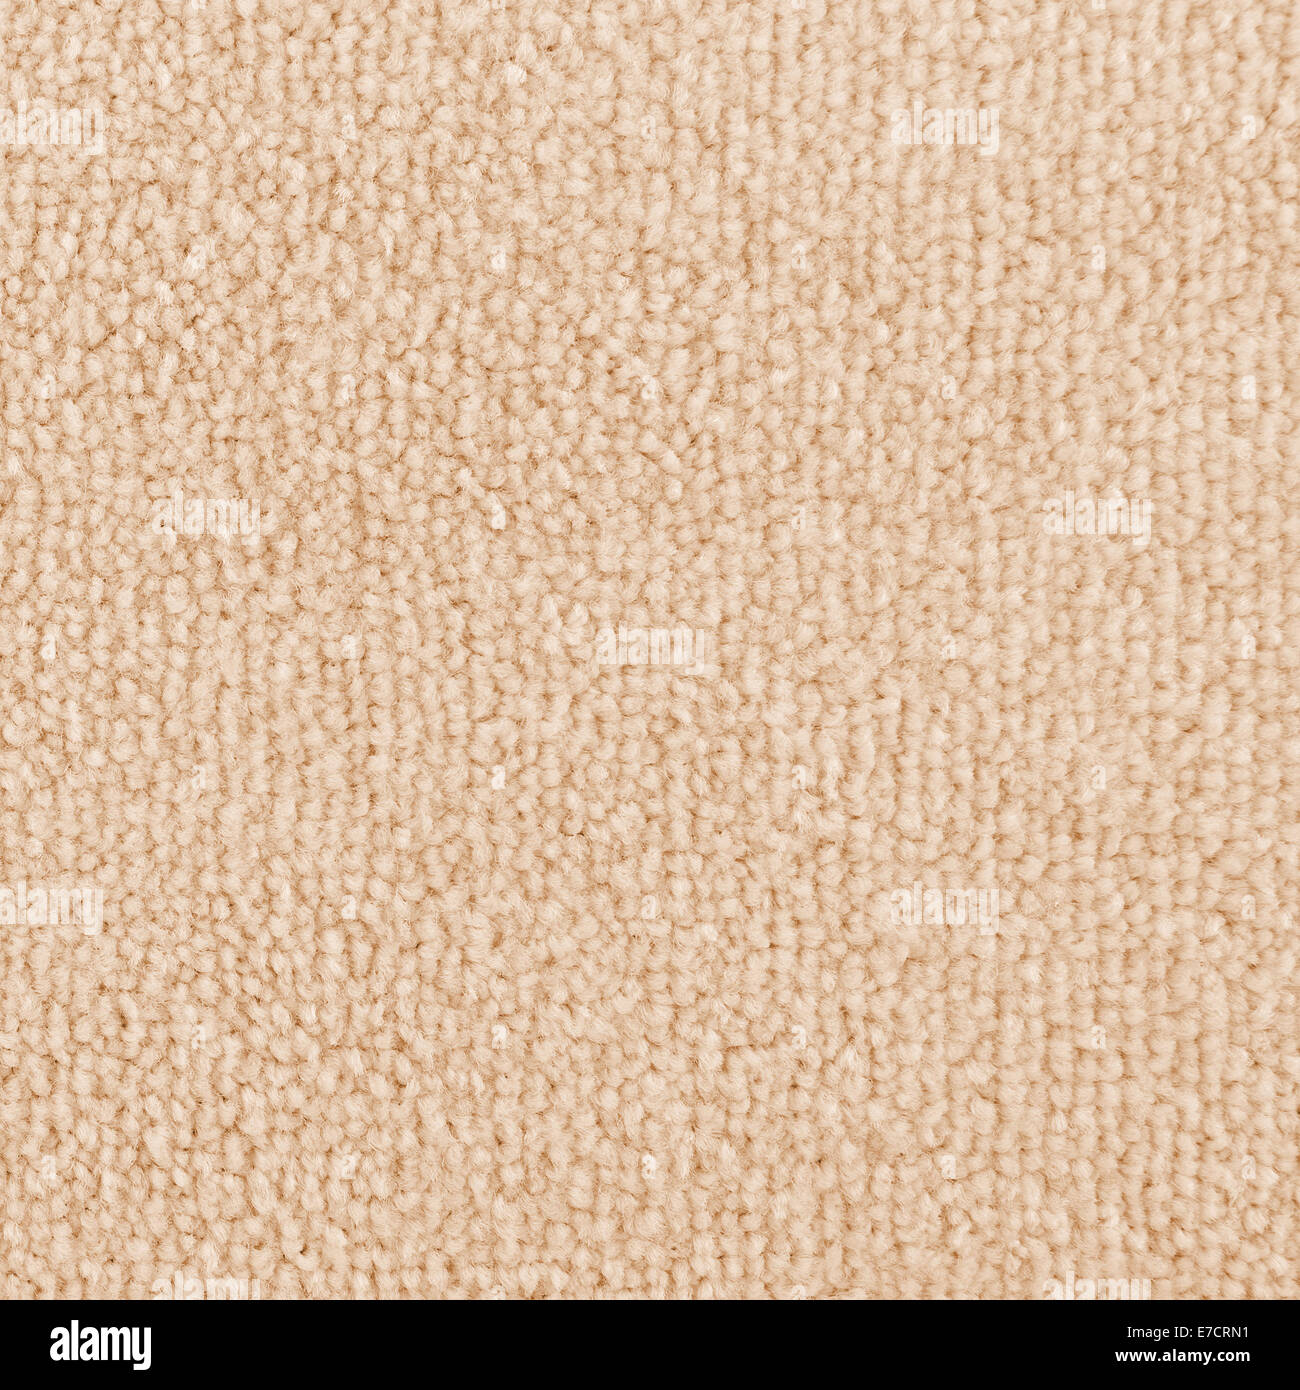 Alfombra nueva textura. Suelos de moqueta color beige como fondo perfecta. Imagen De Stock